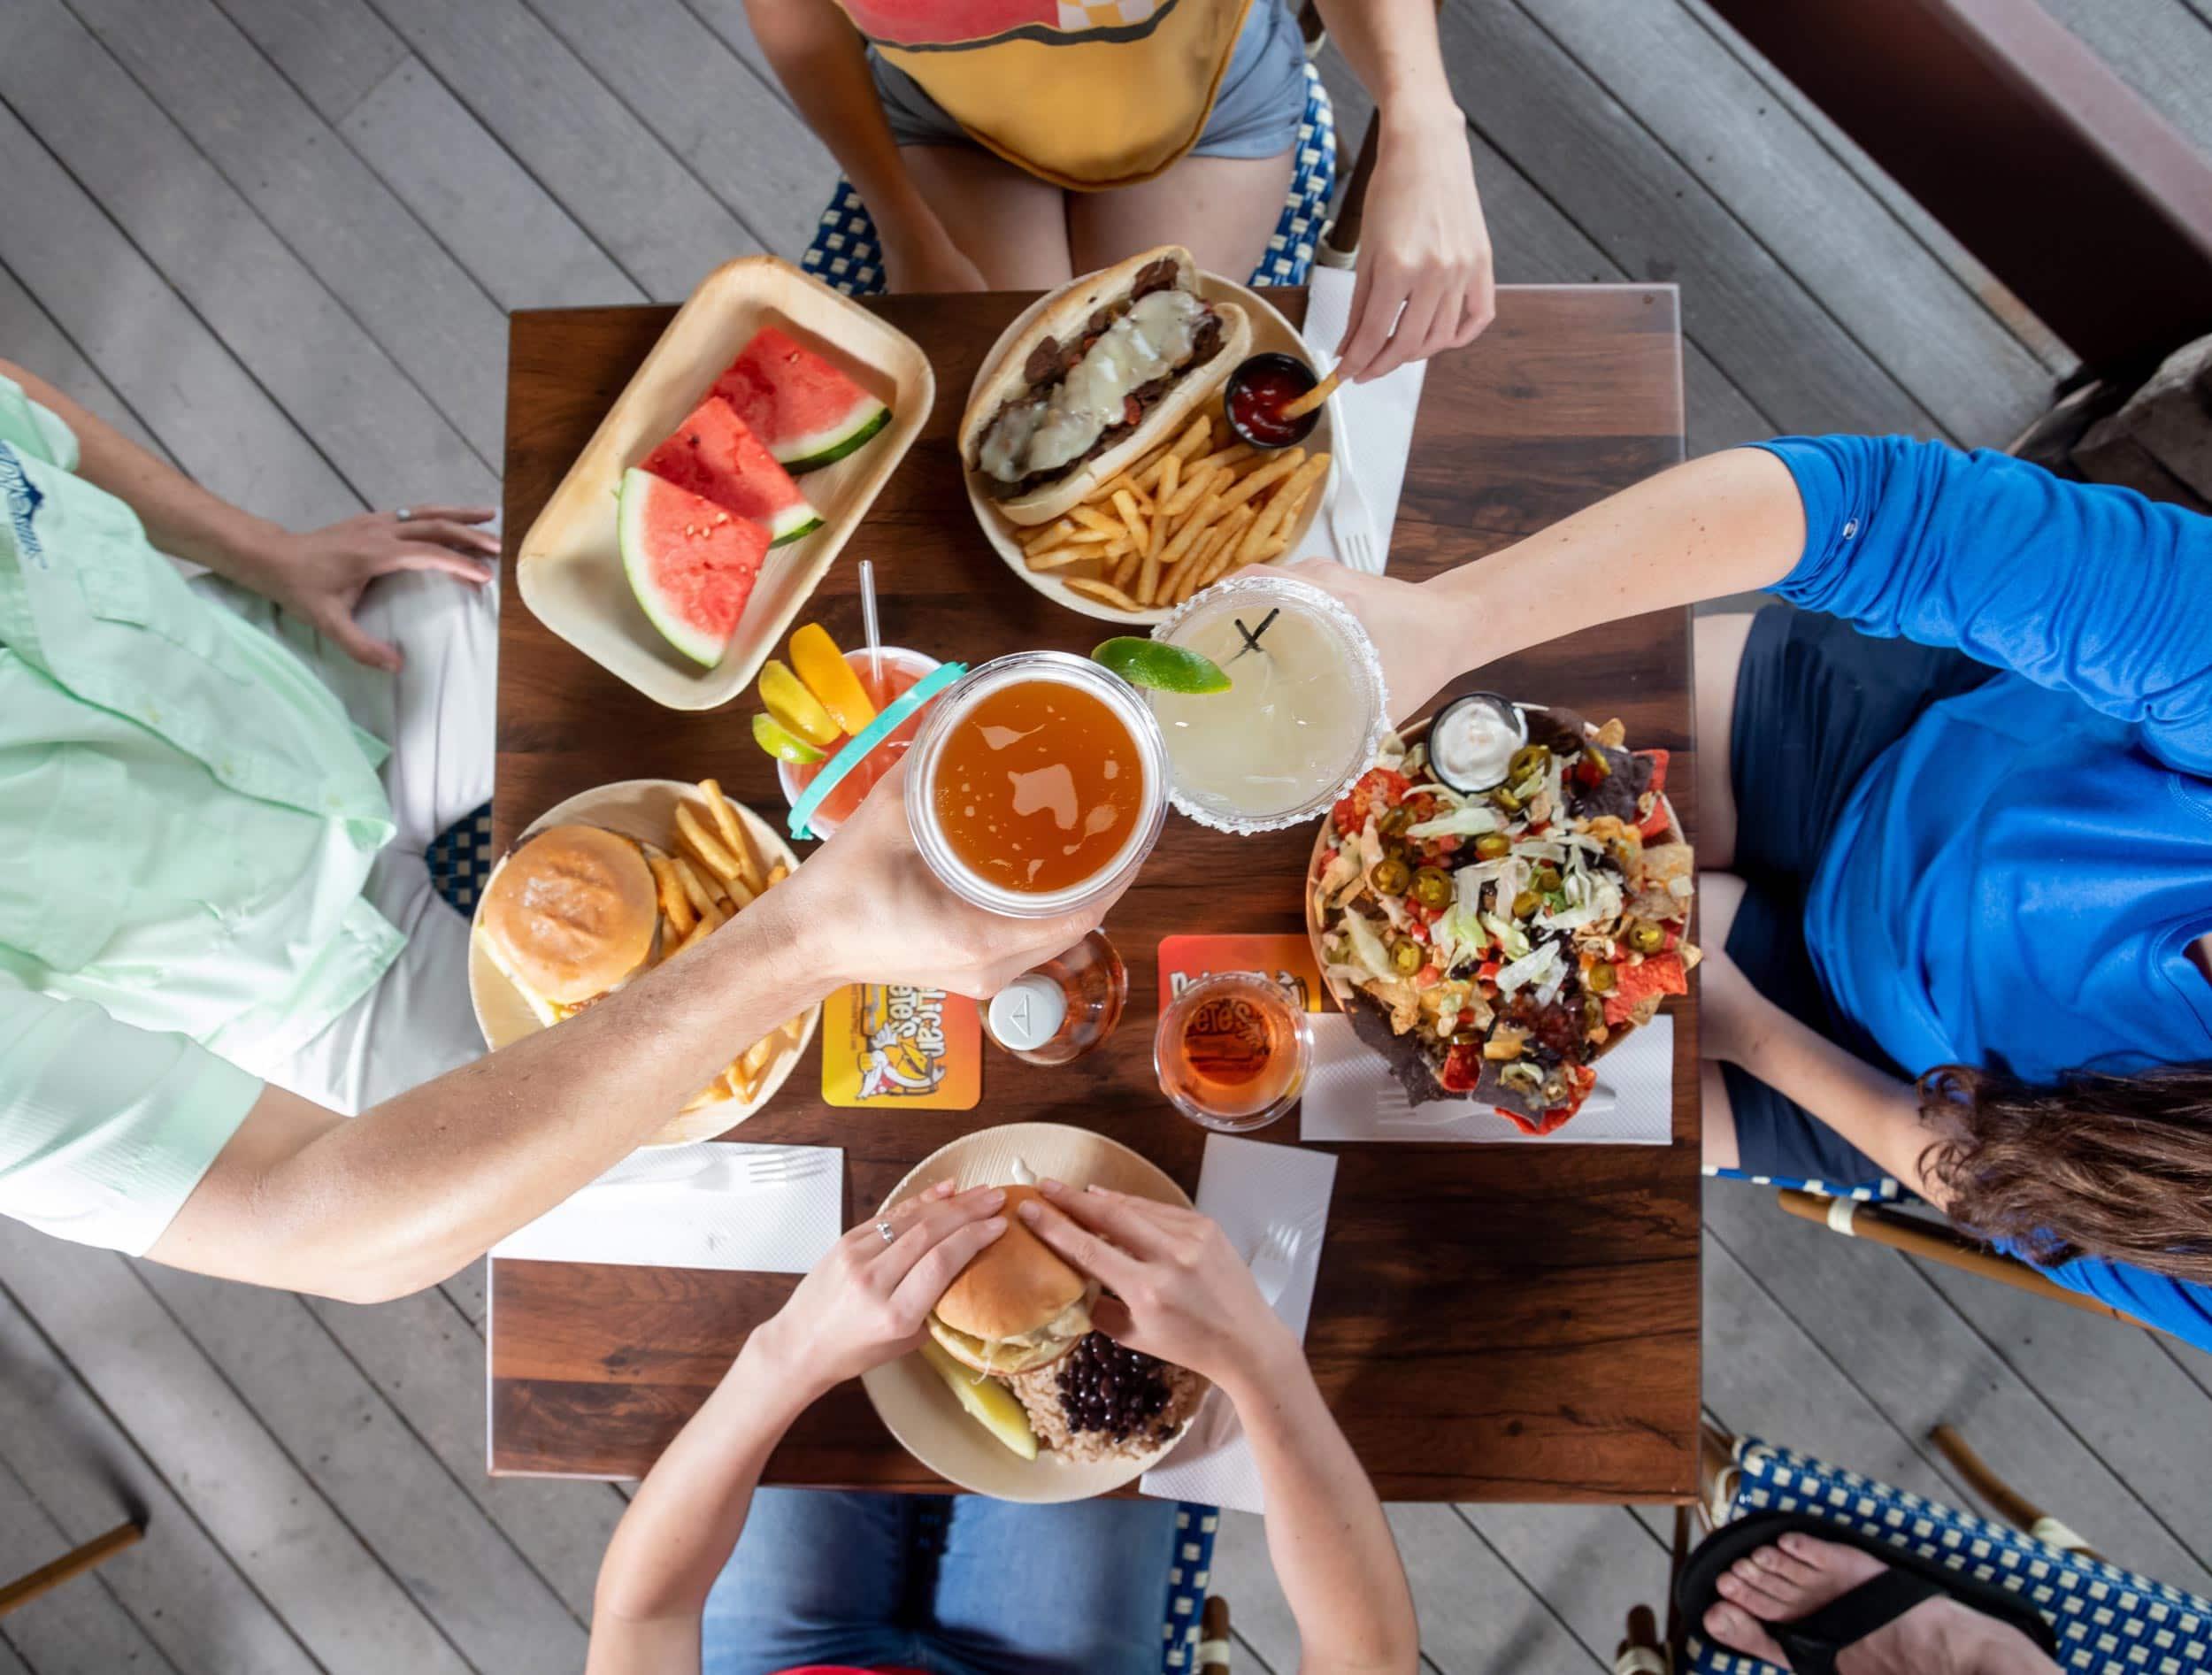 restaurants slide 1